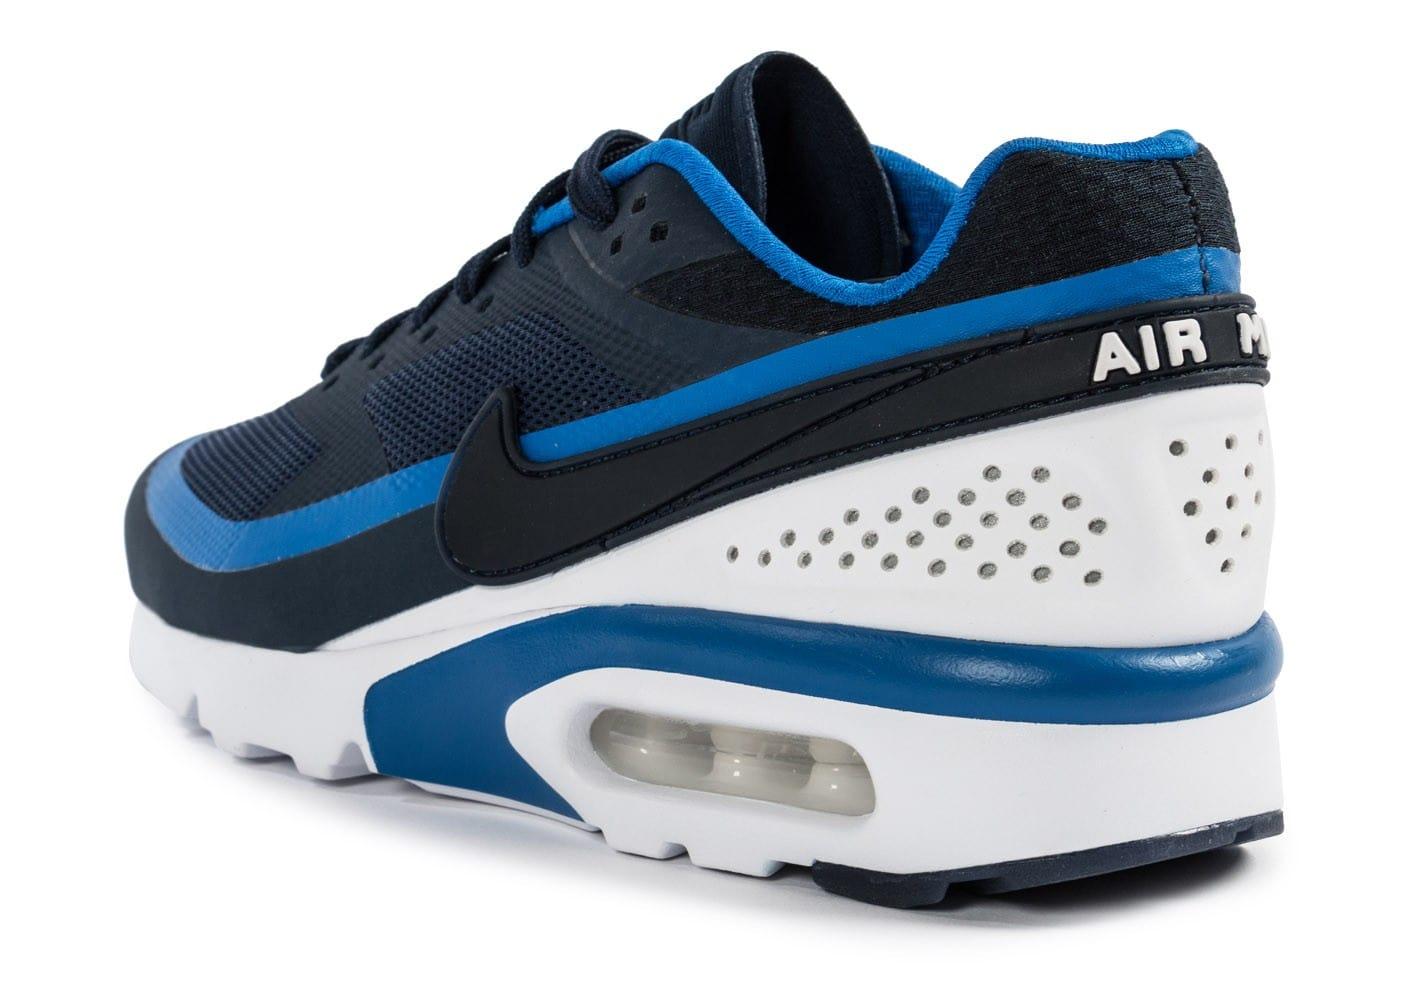 air max bw ultra bleu marine